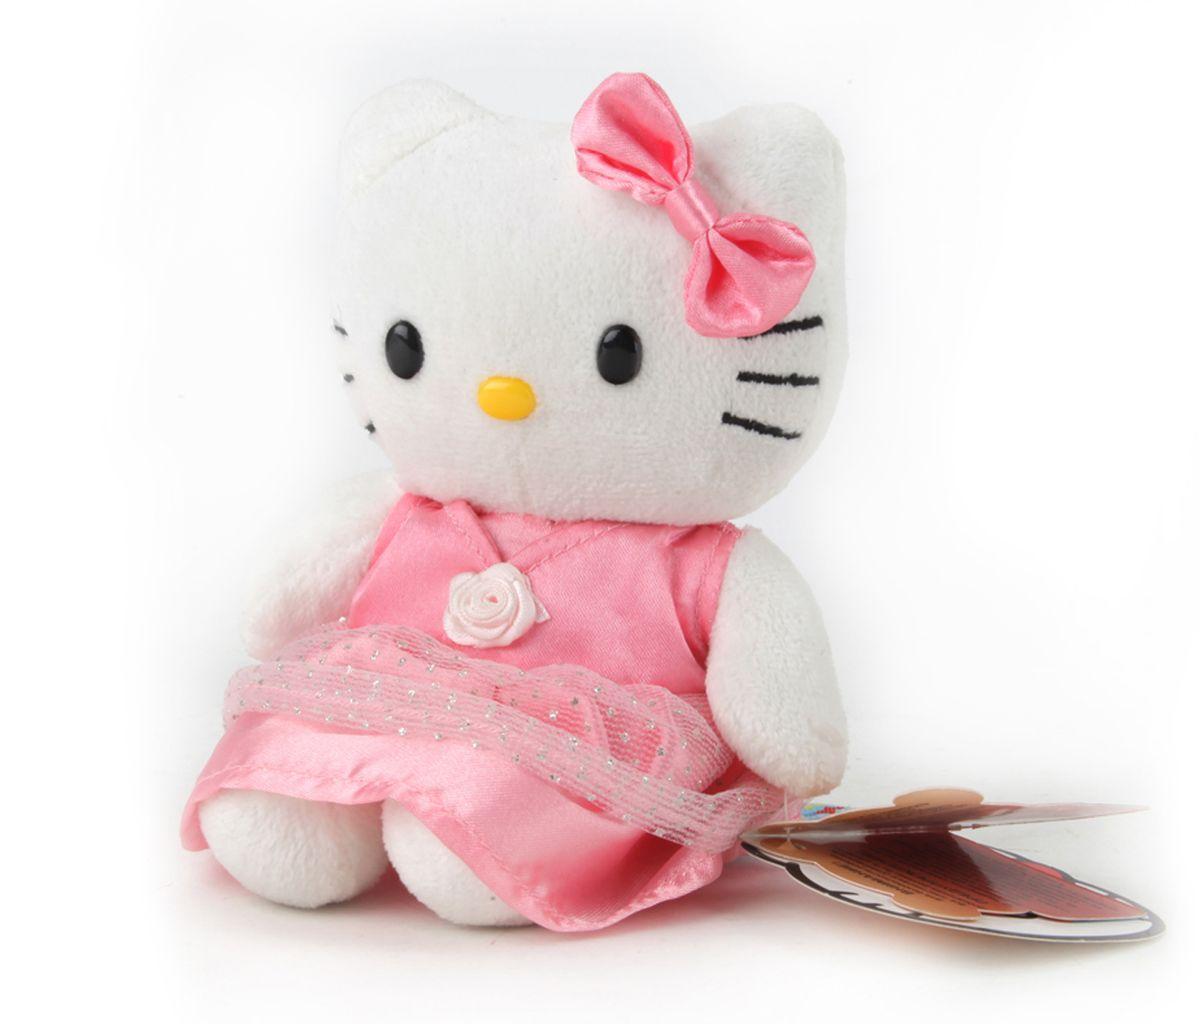 Мульти-Пульти Мягкая игрушка Hello Kitty 14 смV26750/14Мягкая игрушка сама по себе ассоциируется с радостью и весельем, конечно, и для наших детей такой подарок станет поистине незабываемым. Забавные, добрые мягкие игрушки радуют детей с самого рождения. Ведь уже в первые месяцы жизни ребенок проявляет интерес к плюшевым зверятам и необычным персонажам. Сначала они помогают ему познавать окружающий мир через тактильные ощущения, знакомят его с животным миром нашей планеты, формируют цветовосприятие и способствуют концентрации внимания.